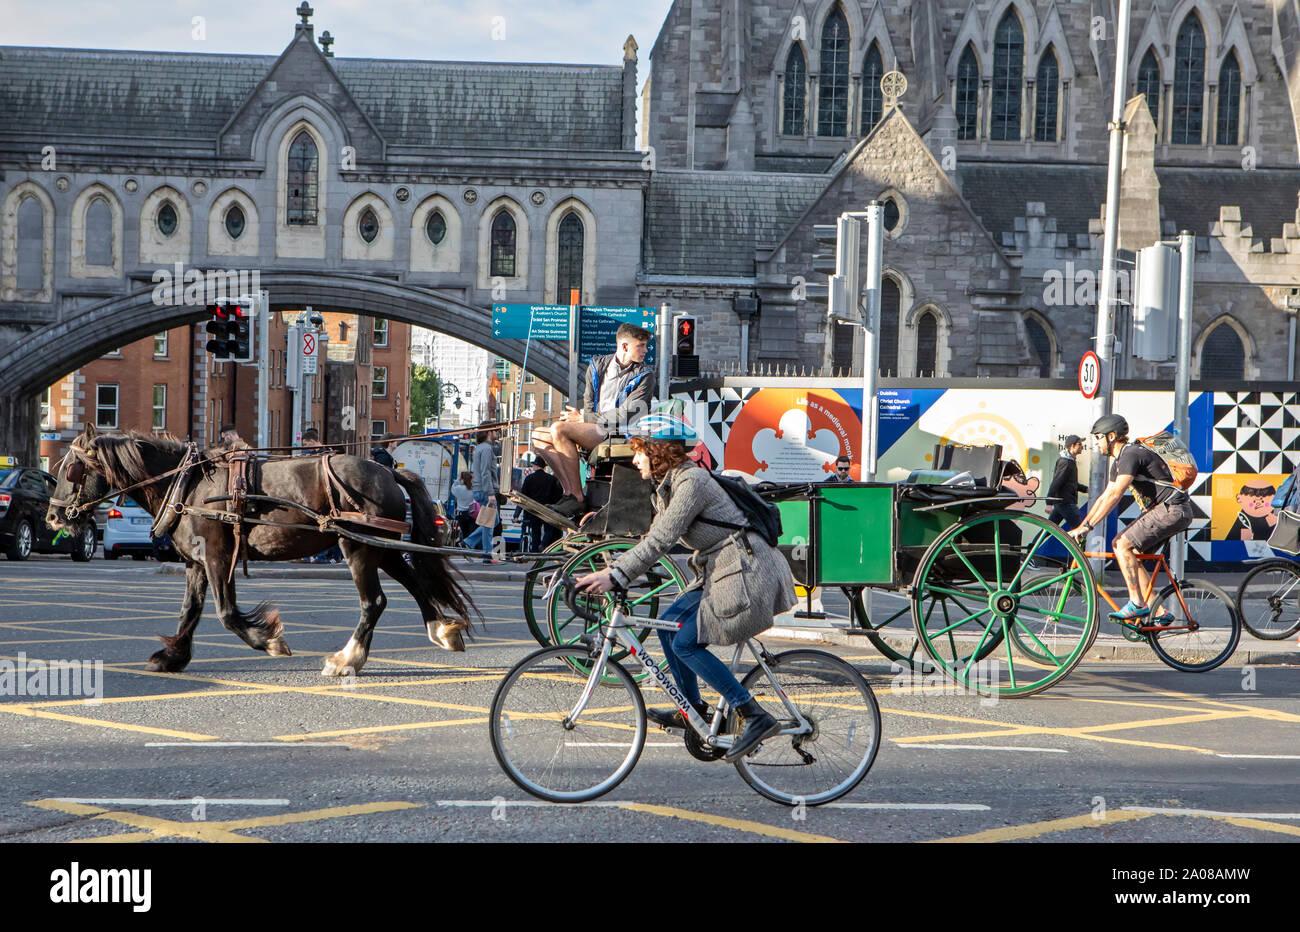 Ein Mann auf einem Fahrrad und einer Pferdekutsche Anteil der Straße in Dublin, Irland. Stockfoto